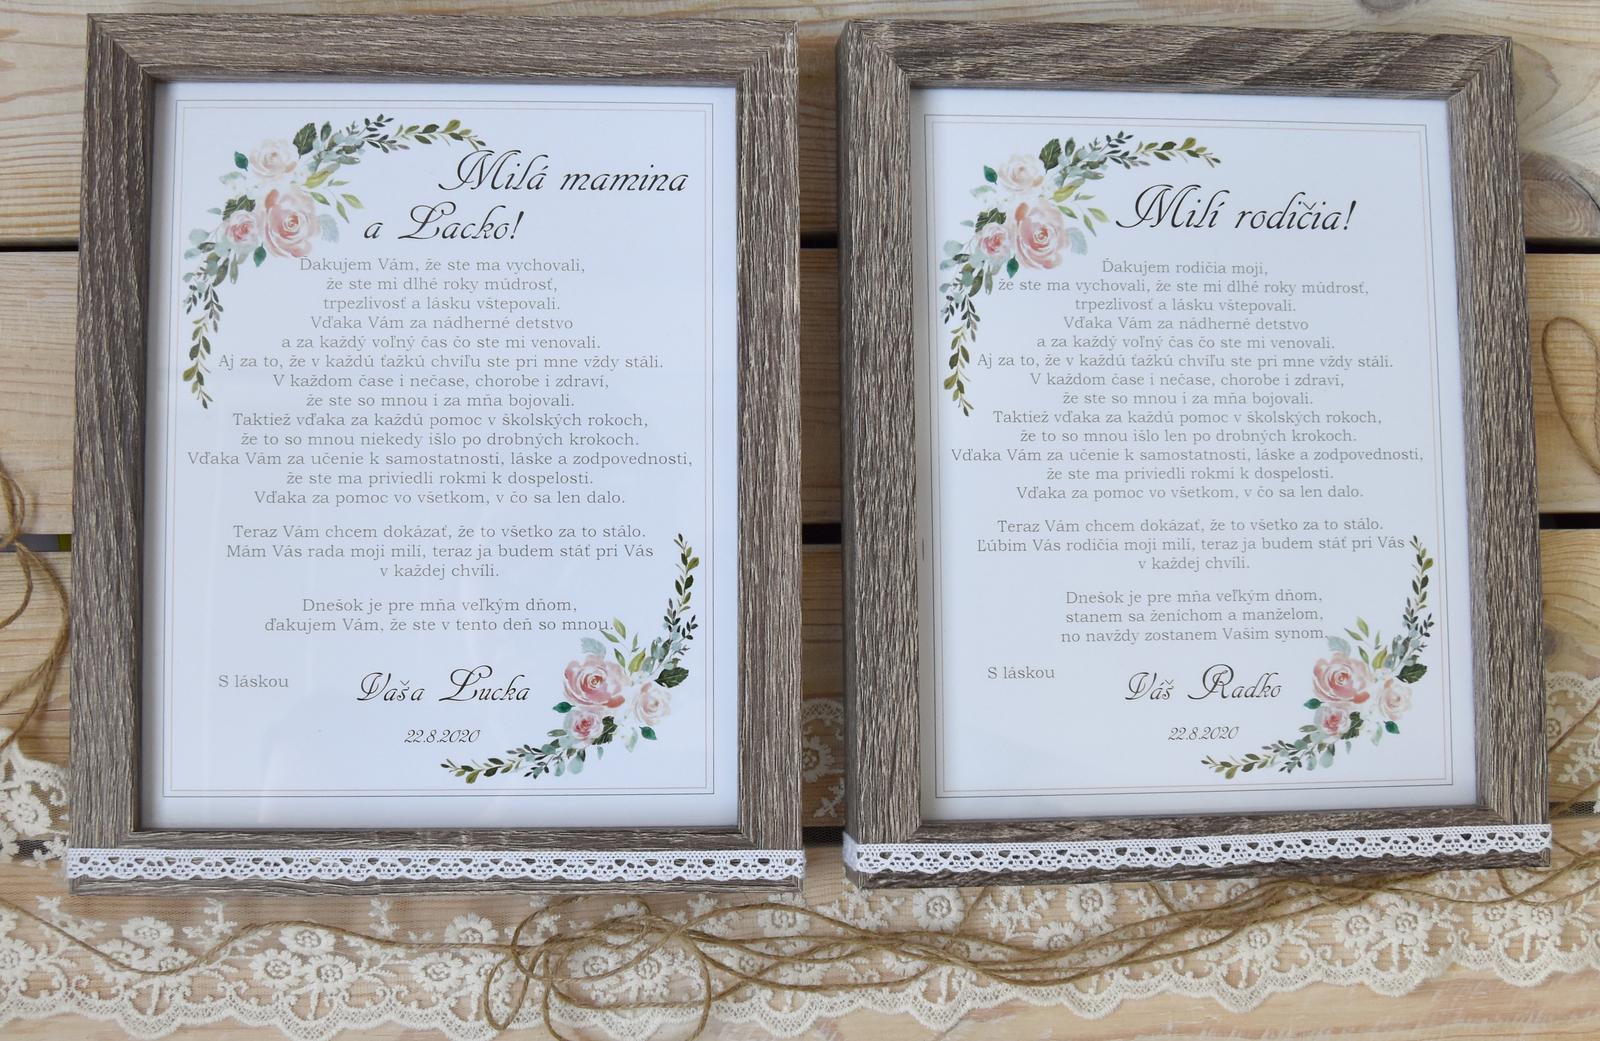 Wedding Time - pre rodičov darček pri odobierke (po svadbe tam budú mať našu fotku ) a k tomu dostanú ešte vyšívané vreckovky s textom :)